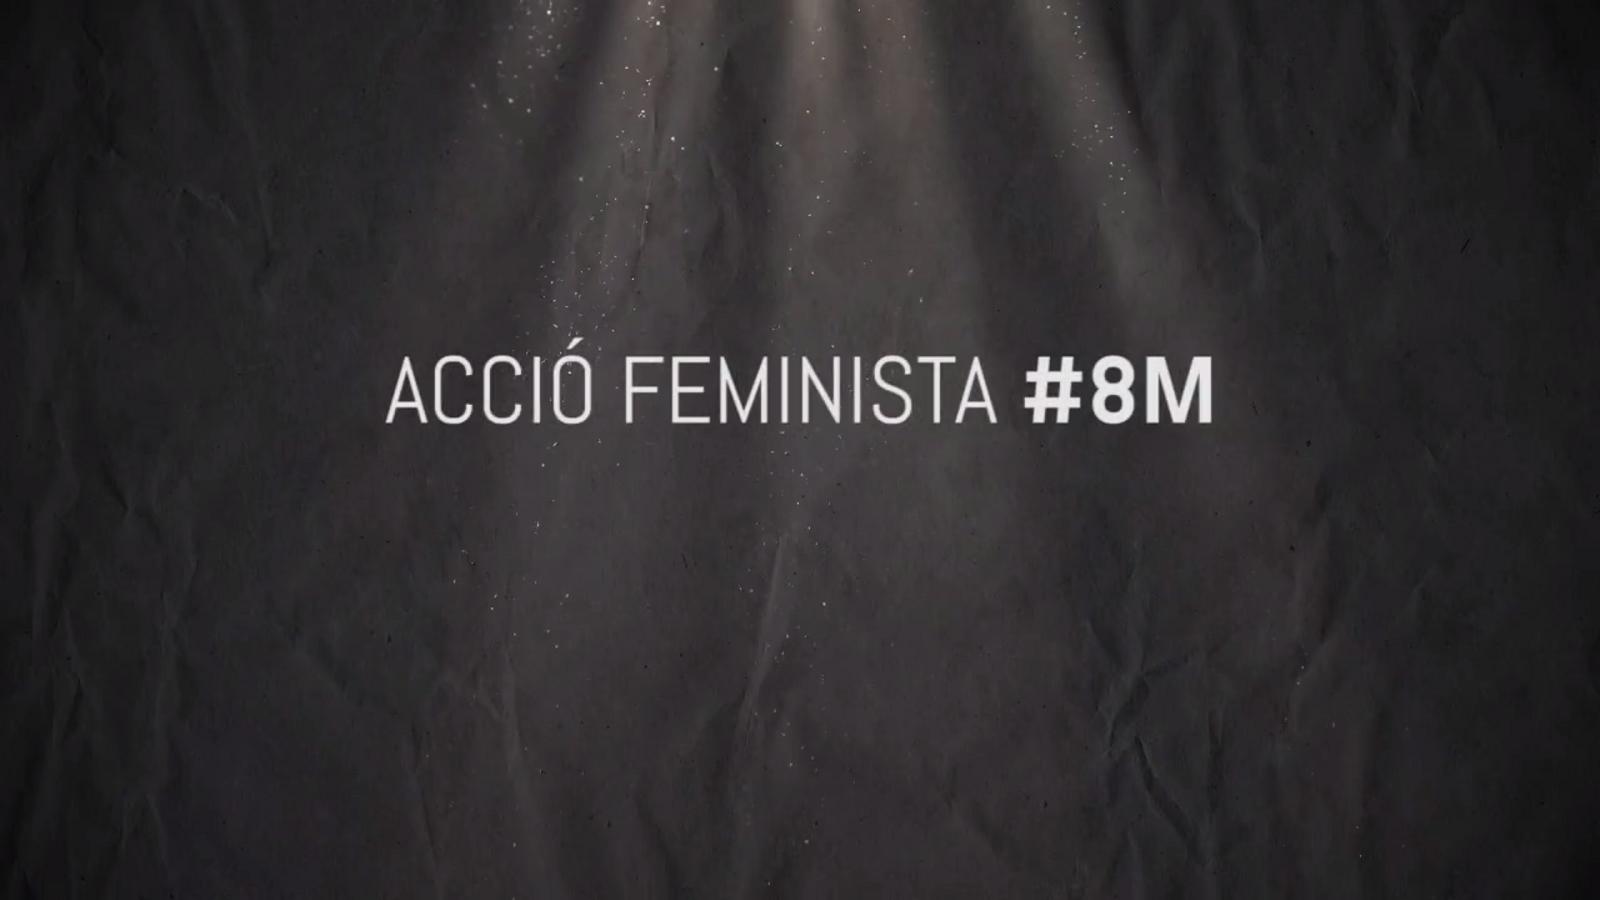 Acció Feminista #8M